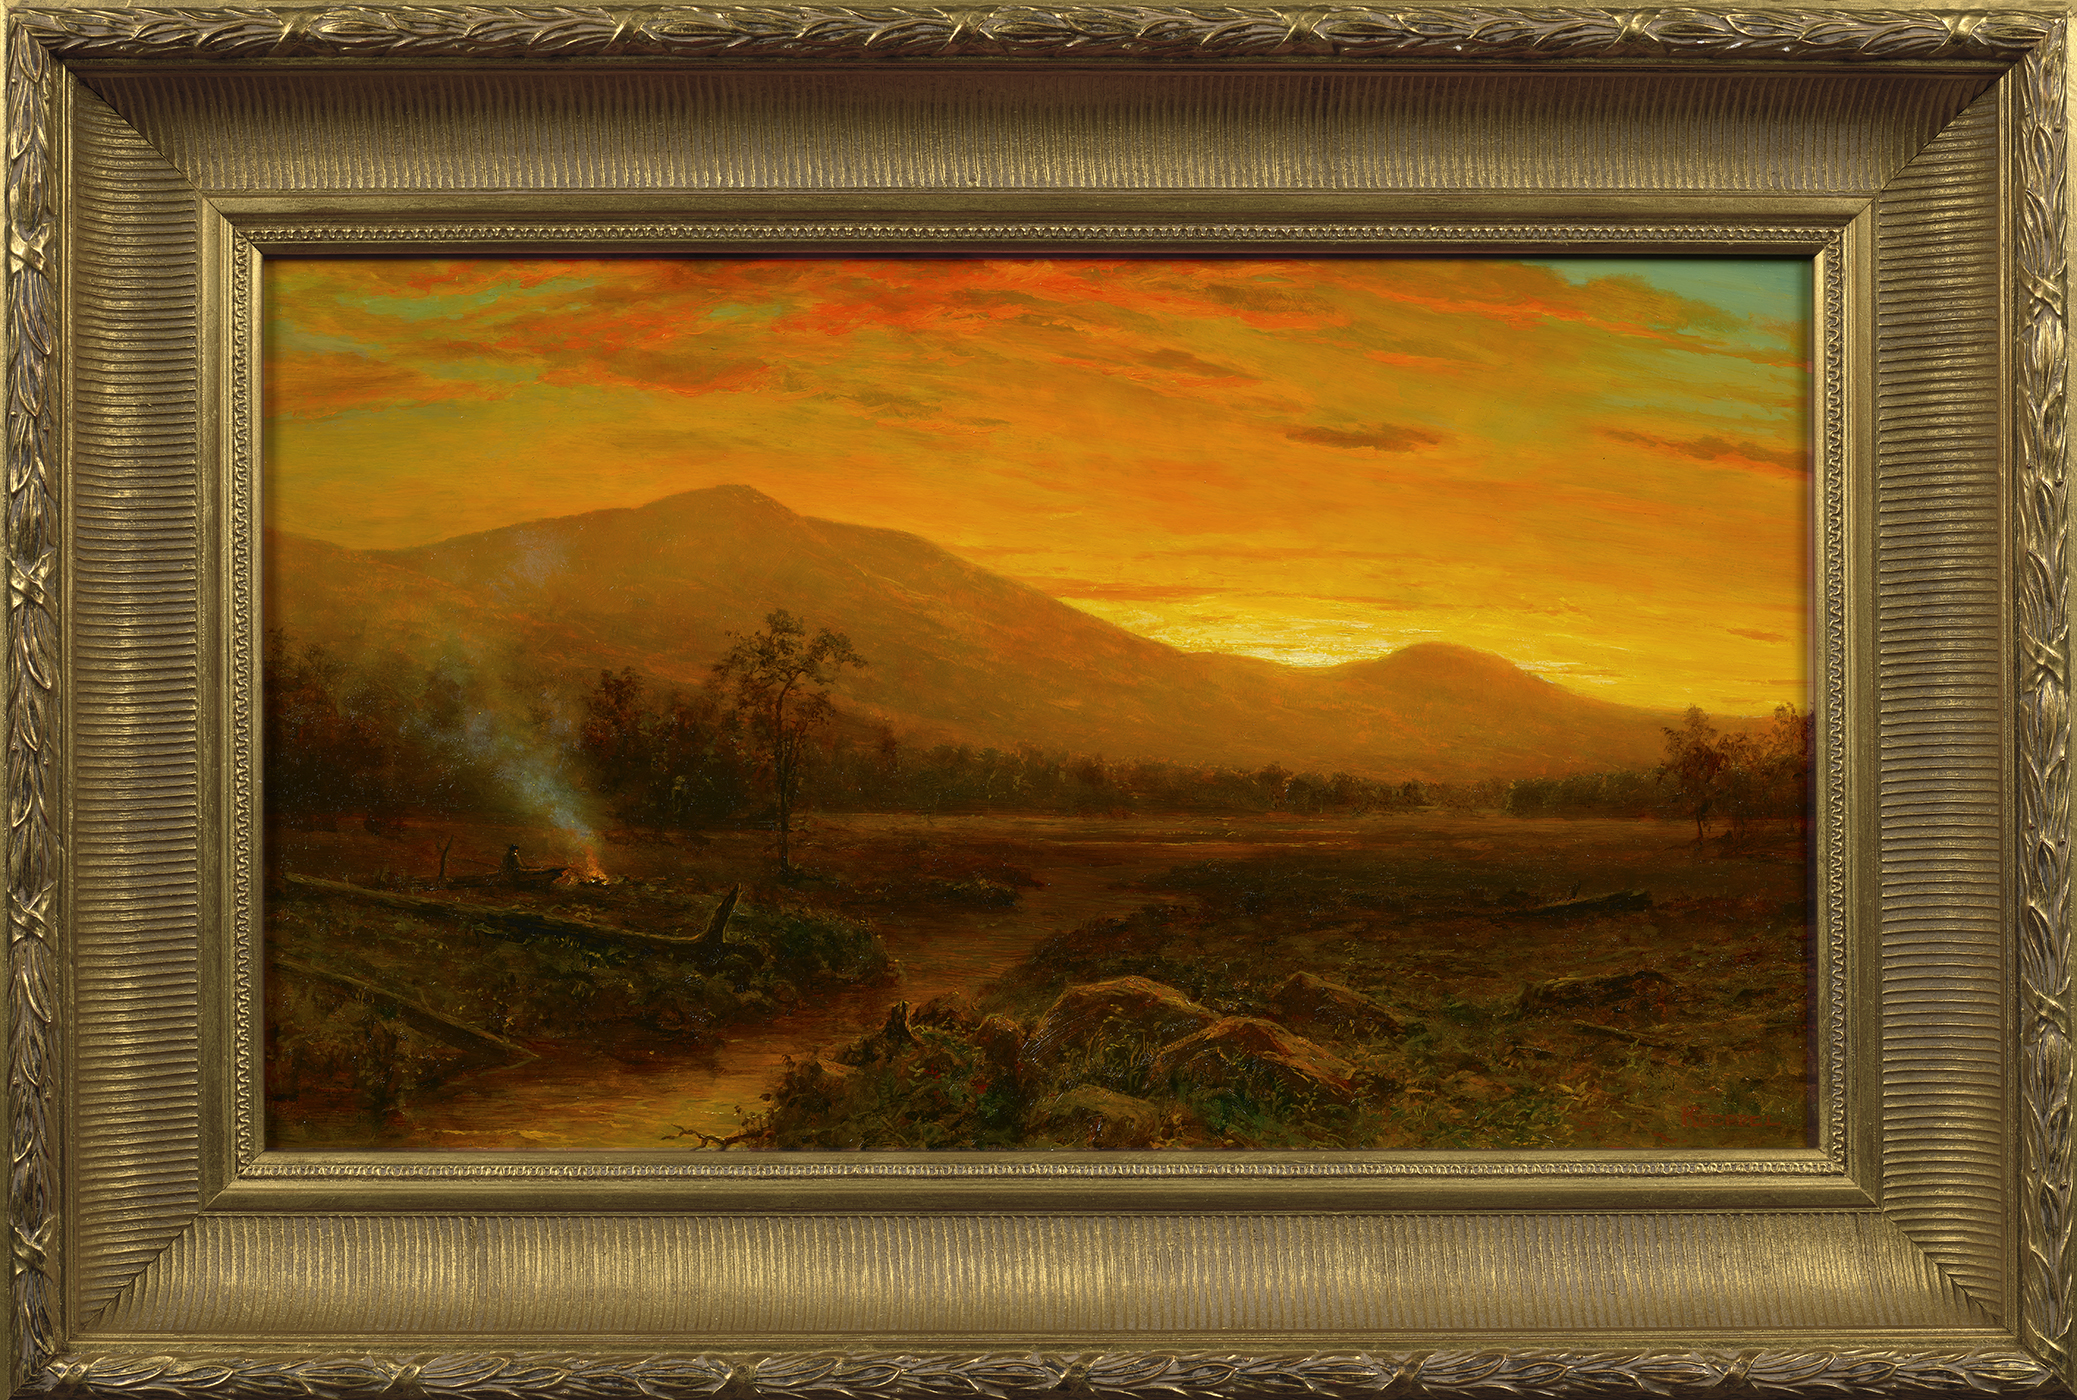 erik_koeppel_ek1071_Morning_fire_thorn_mountain_framed.jpg